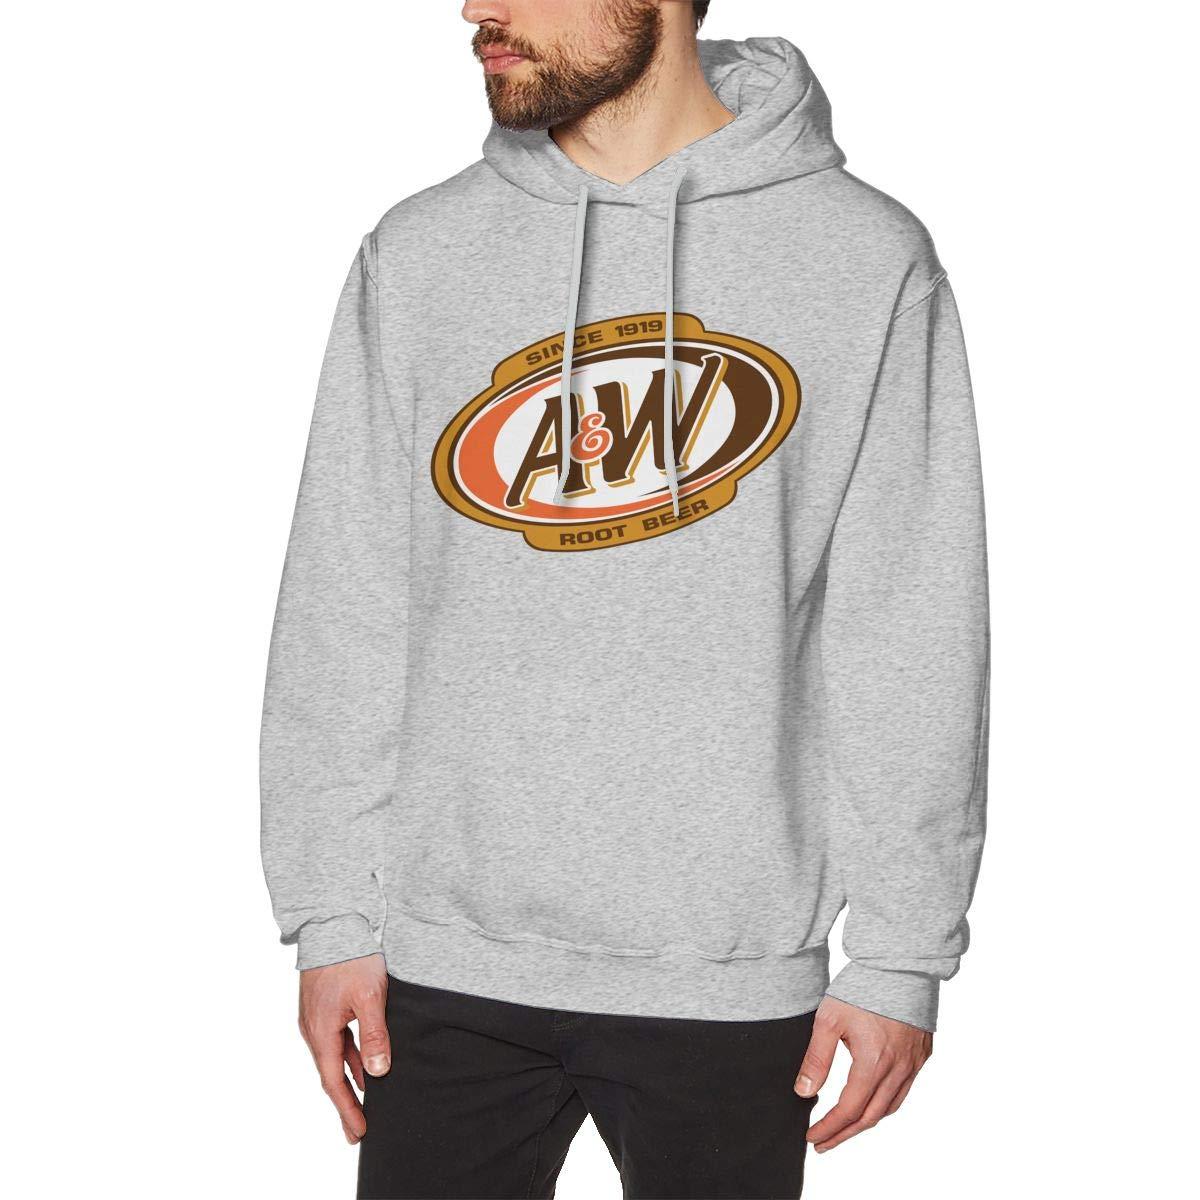 JiaoZhiduanxiu Man A/&W Root Beer Logo Trend Gray Hoodie Sweatshirt Jacket Pullover Tops